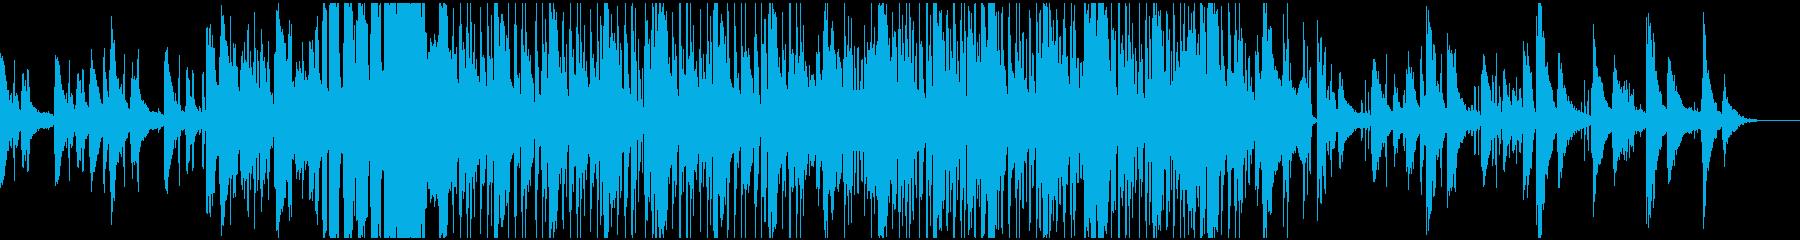 スクラッチが目立つヒップホップの再生済みの波形